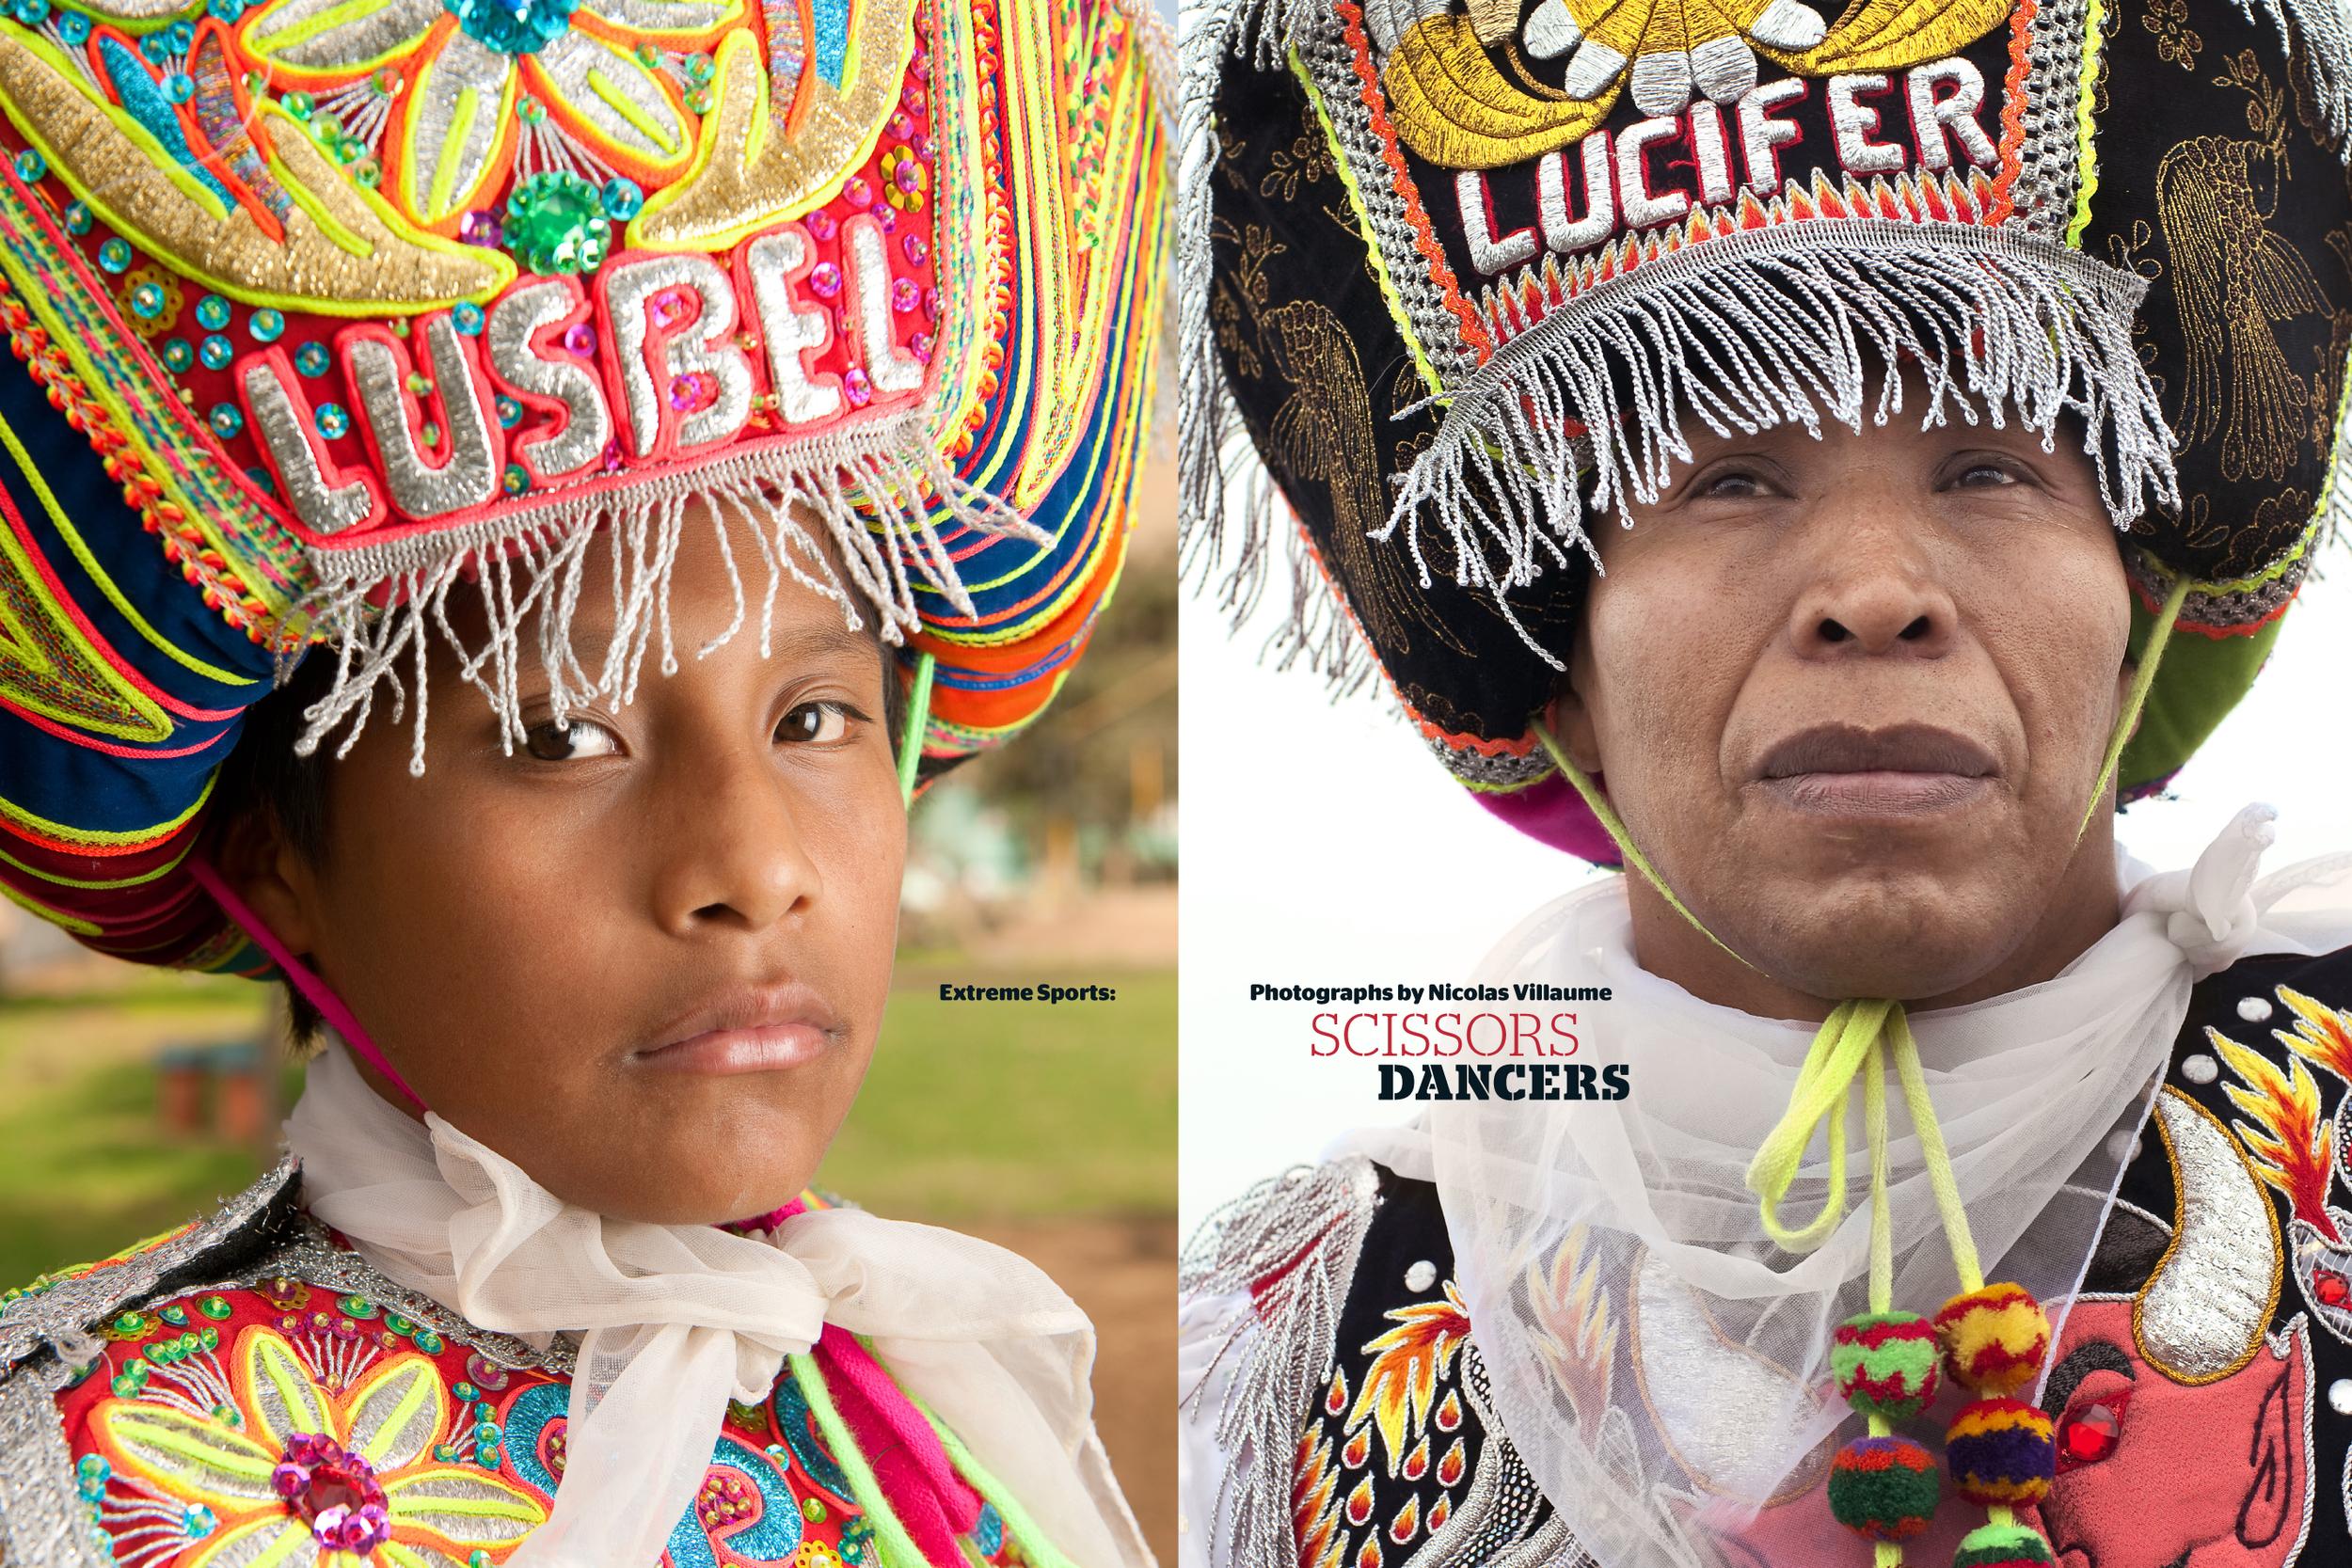 Scissors Dancers